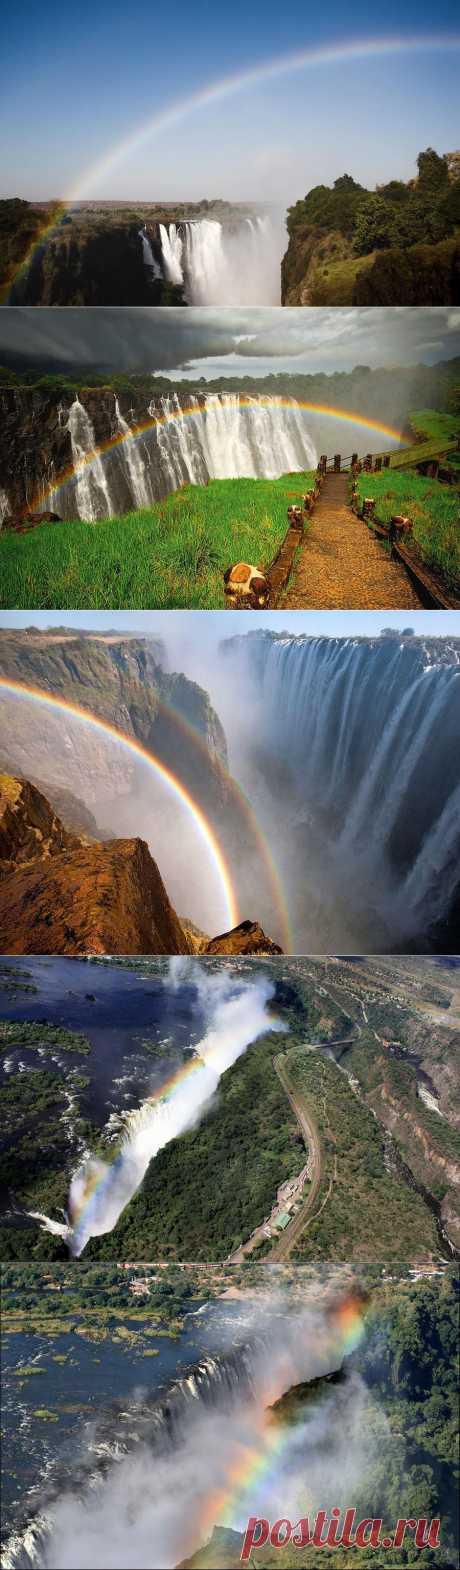 » Радуга над водопадом Виктория Это интересно!